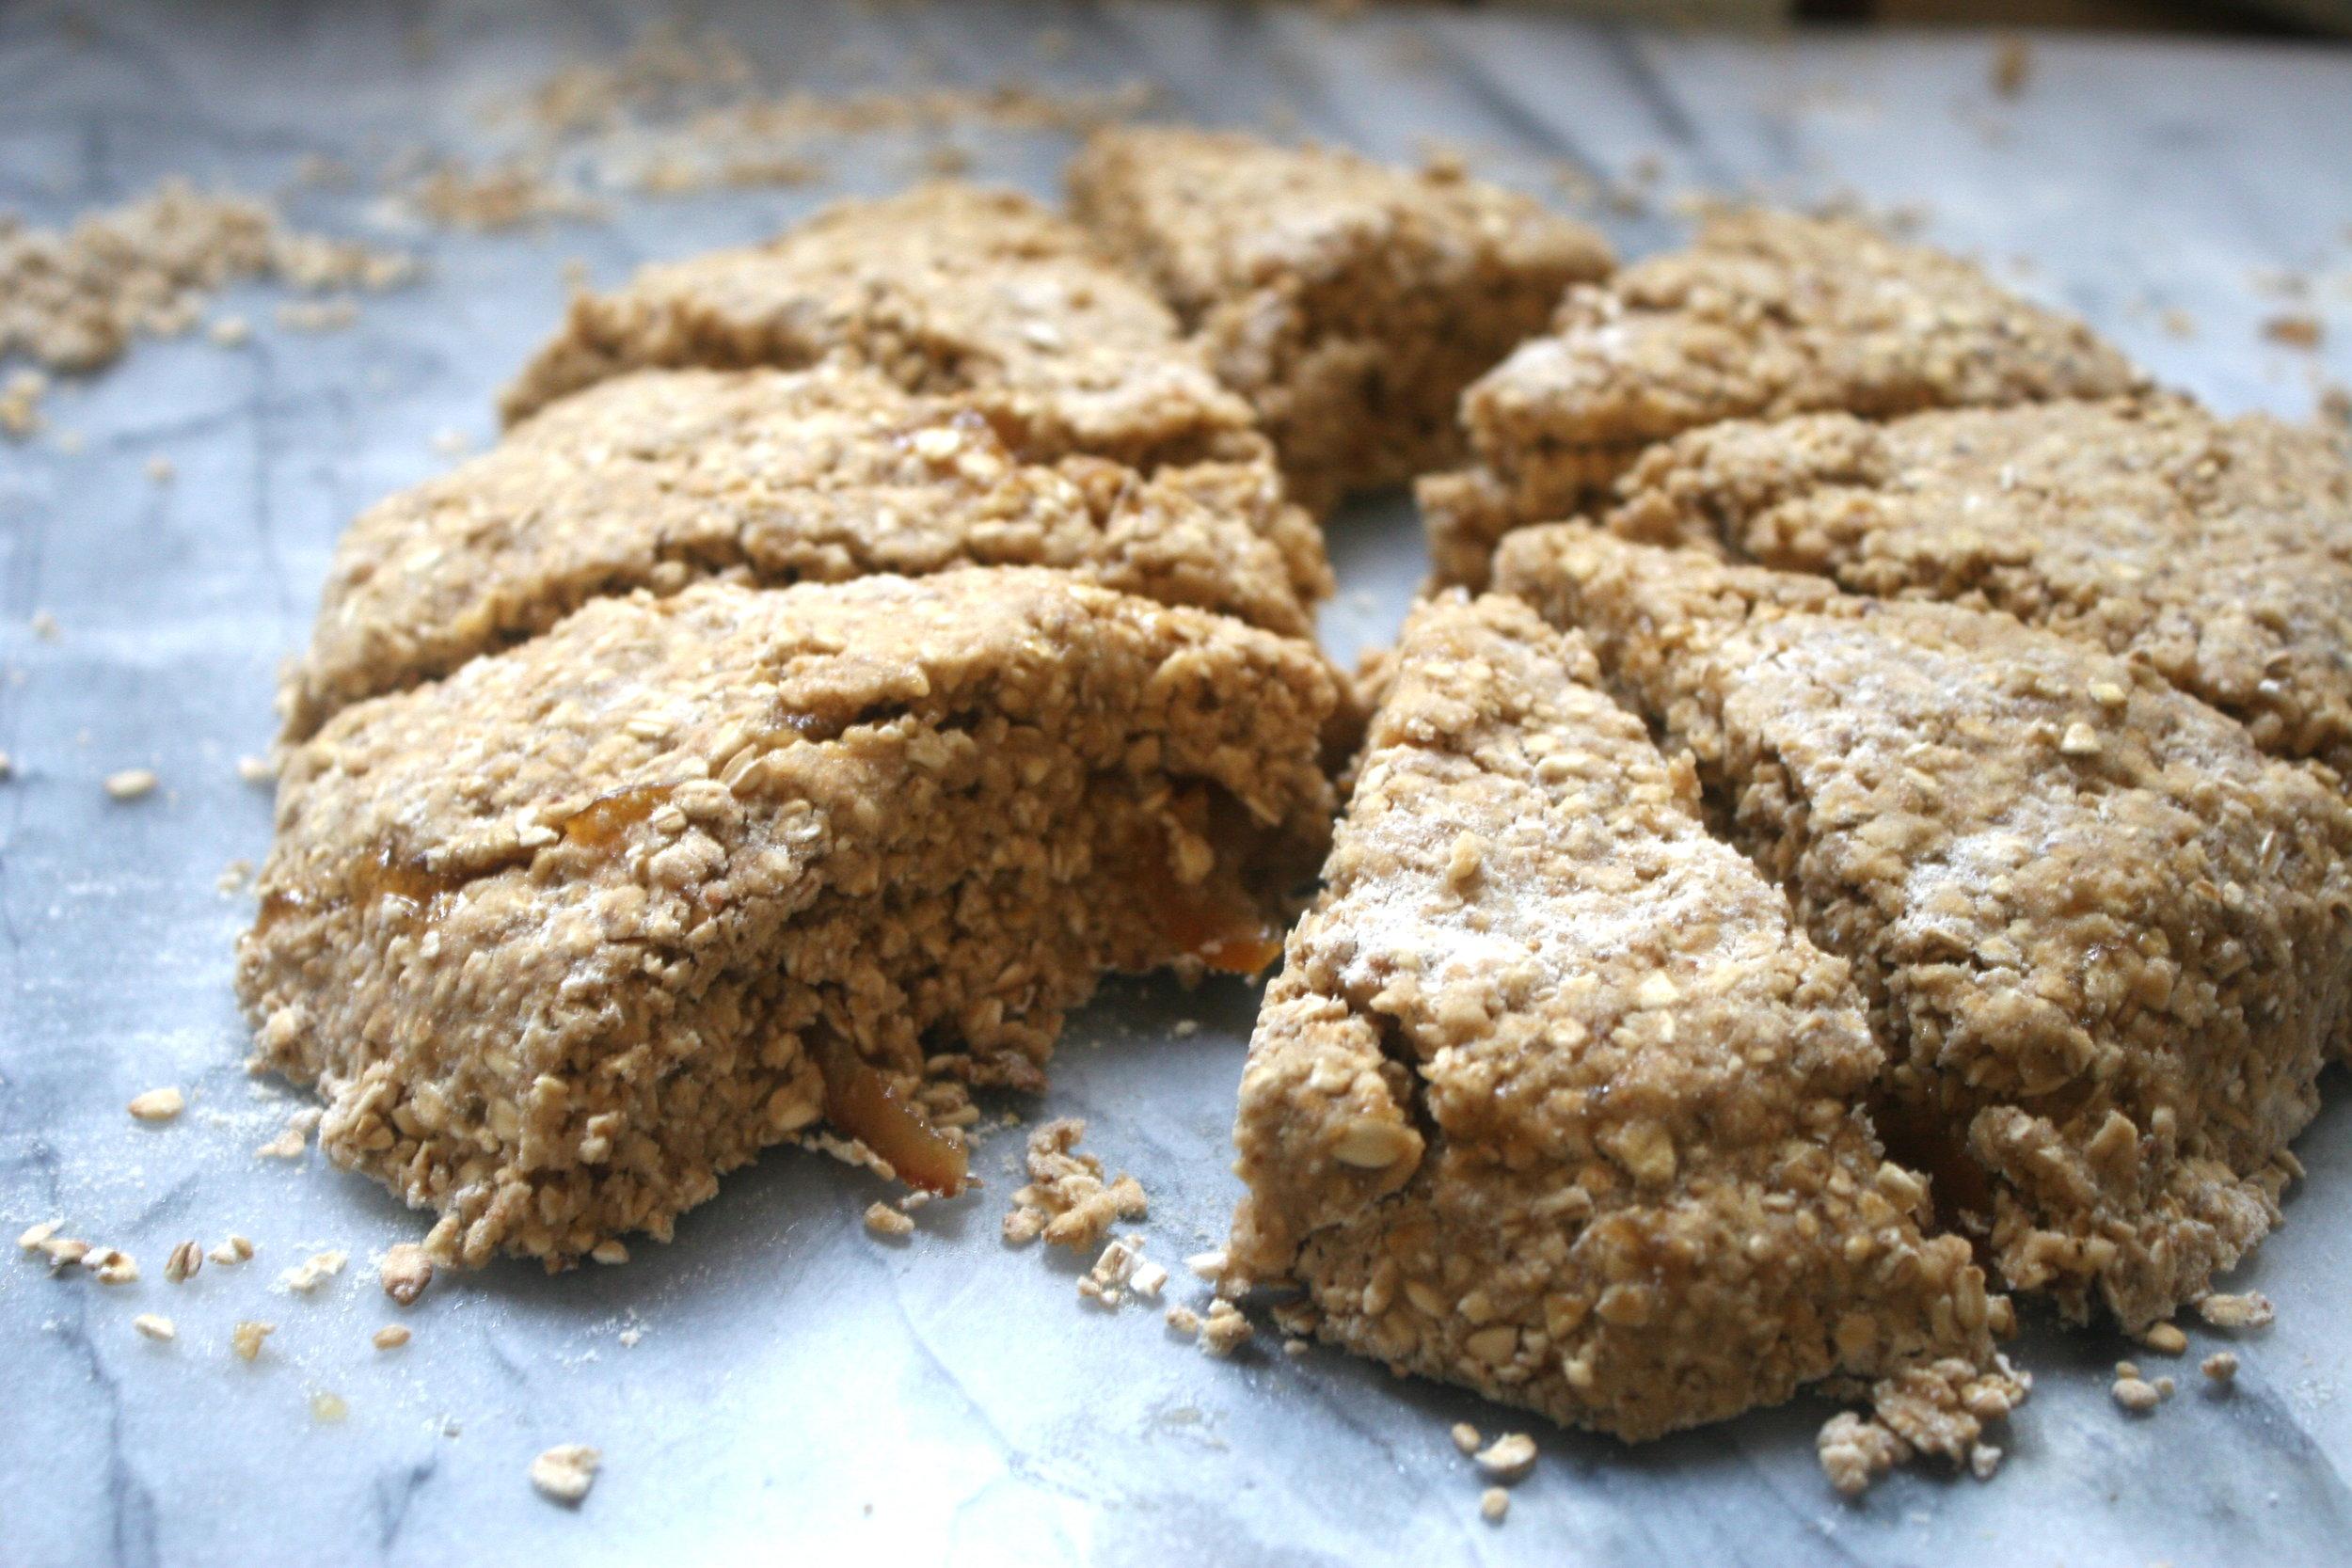 winter oat scone wedges